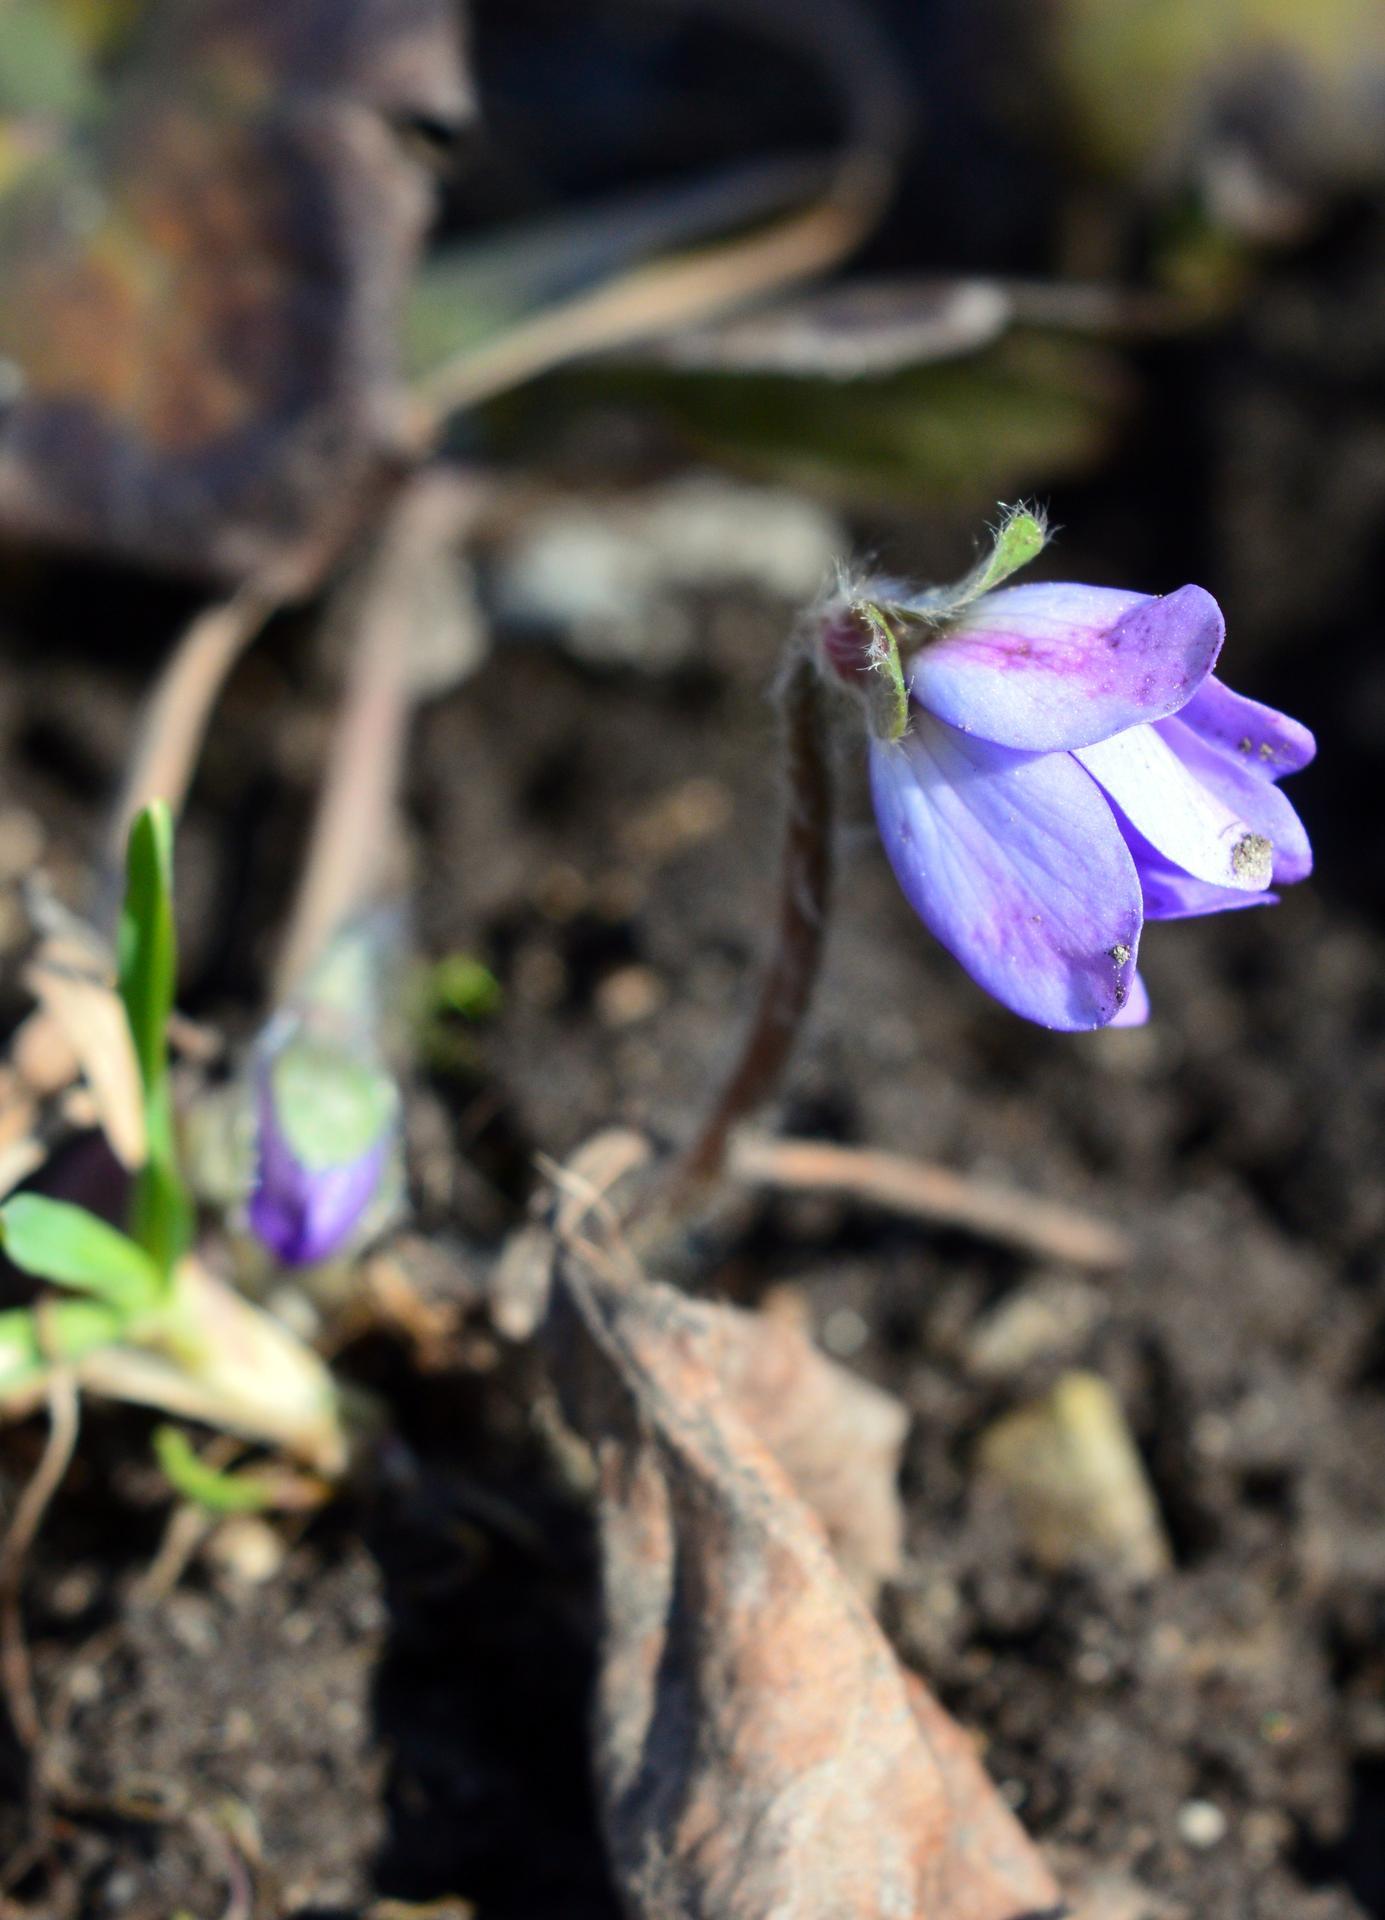 Naša prírodná perma záhradka v roku 2020 - pomaličky začínajú kvitnúť pečeňovníky